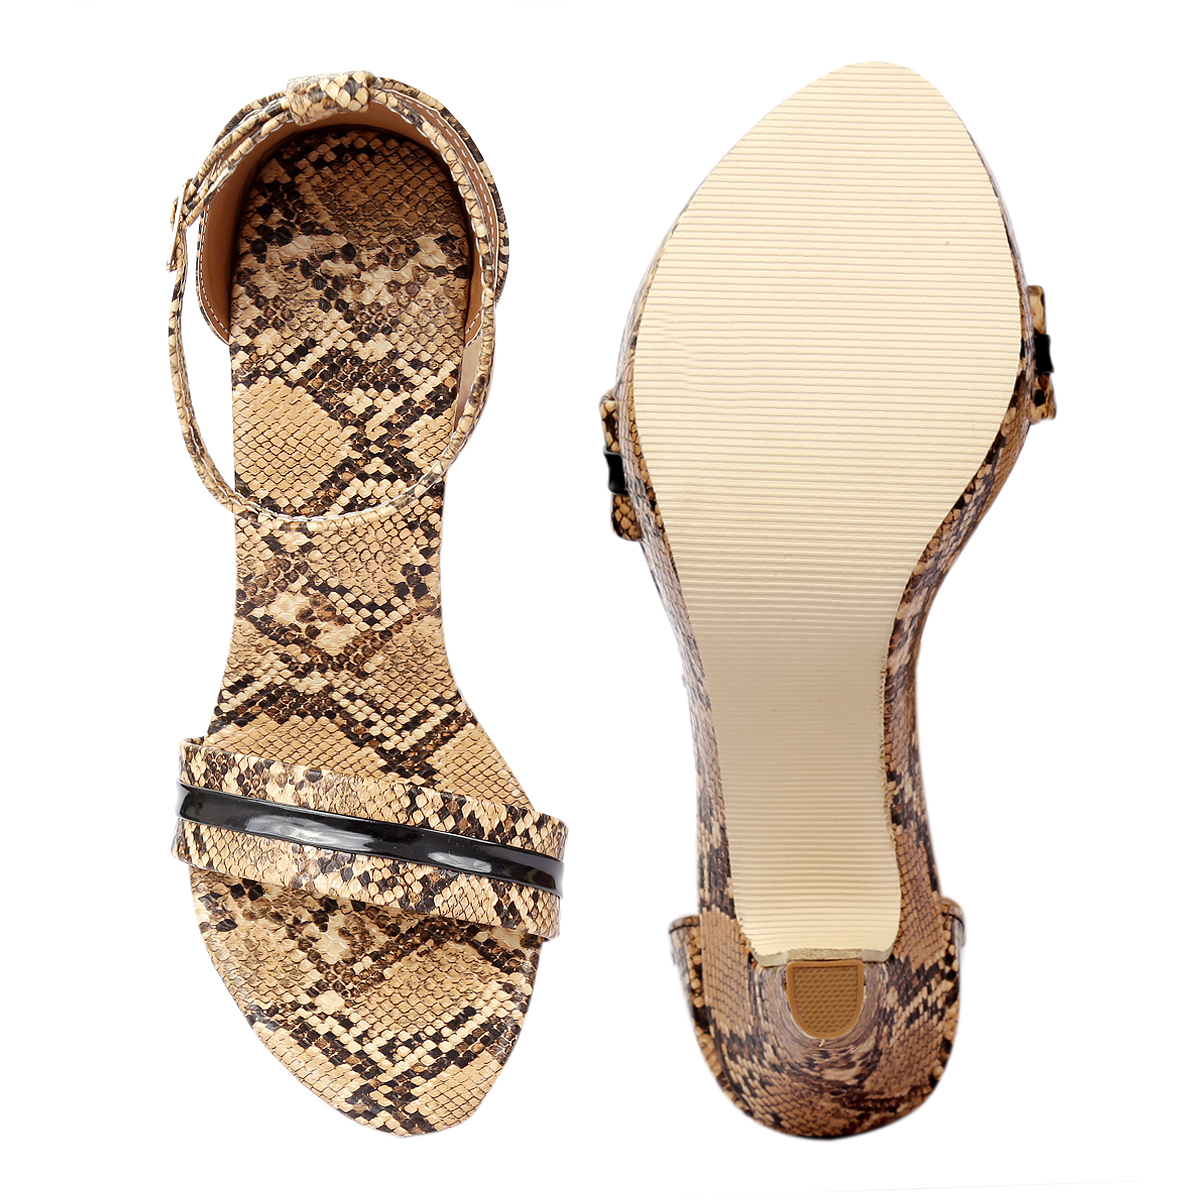 Comfortable Heels & Wedges for Women & Girls - 4 inches Heel